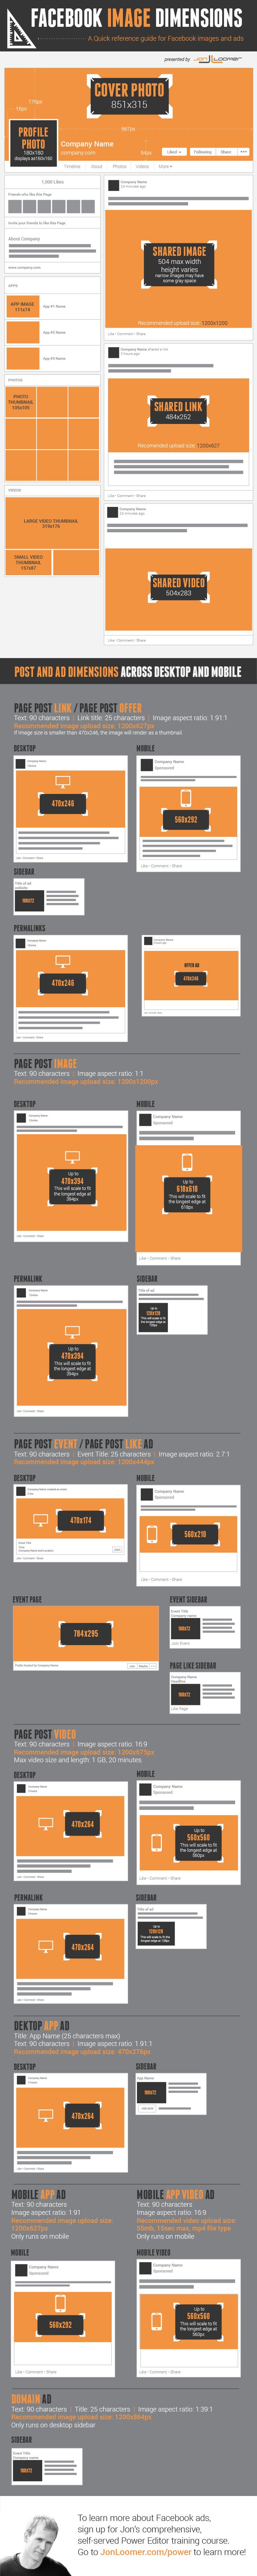 Bild-Formate für Facebook, Twitter und Co: So fallen Sie nicht aus dem Rahmen  http://goto.twitt-erfolg.de/NHzJwbQBK4